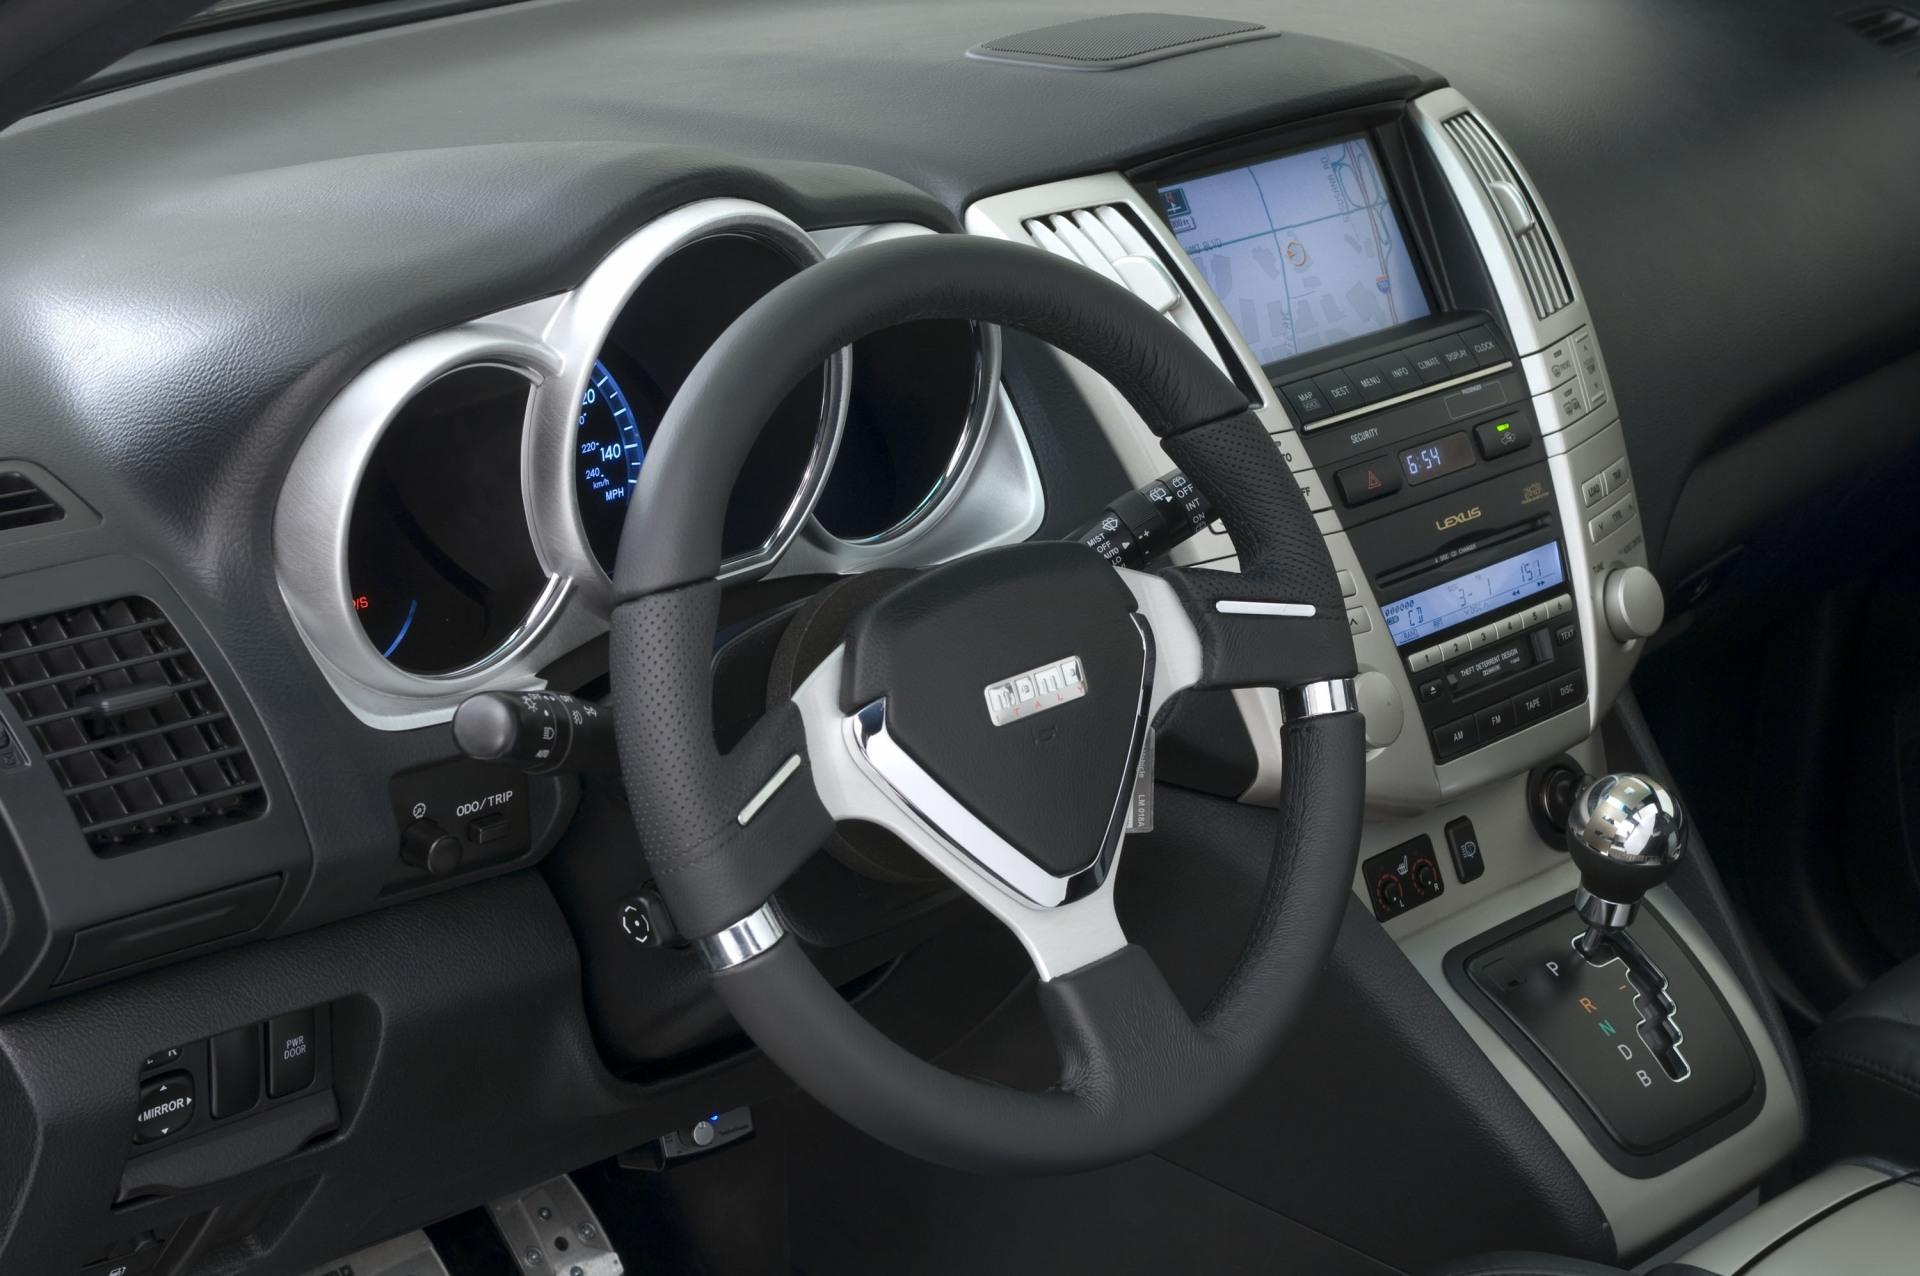 https://www.conceptcarz.com/images/Lexus/Lexus-RX-400h_2009_image-i04.jpg